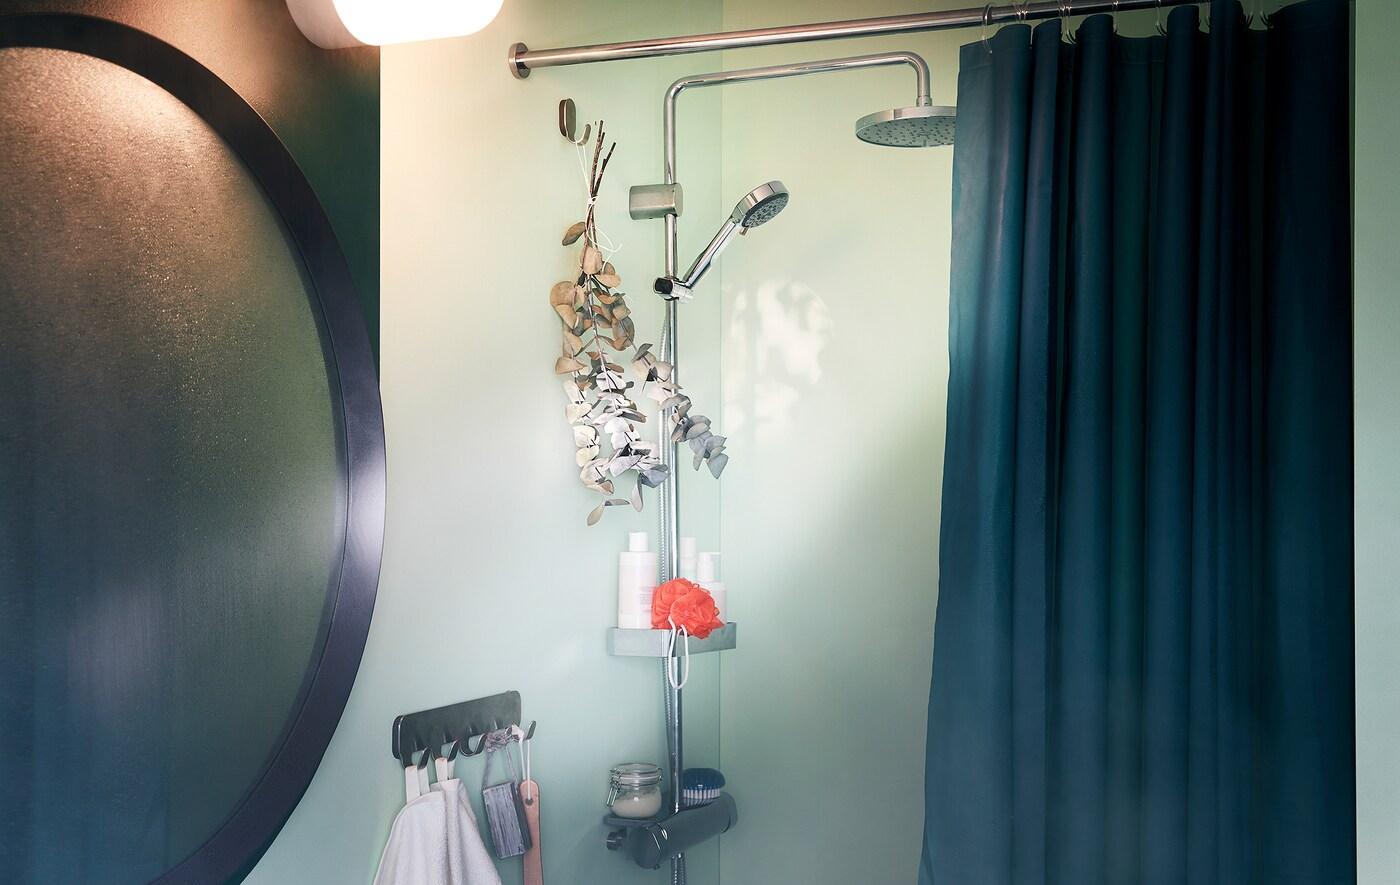 Koupelna se zamlženým zrcadlem vedle sprchy, na háčku ve sprše visí větvičky eukalyptu